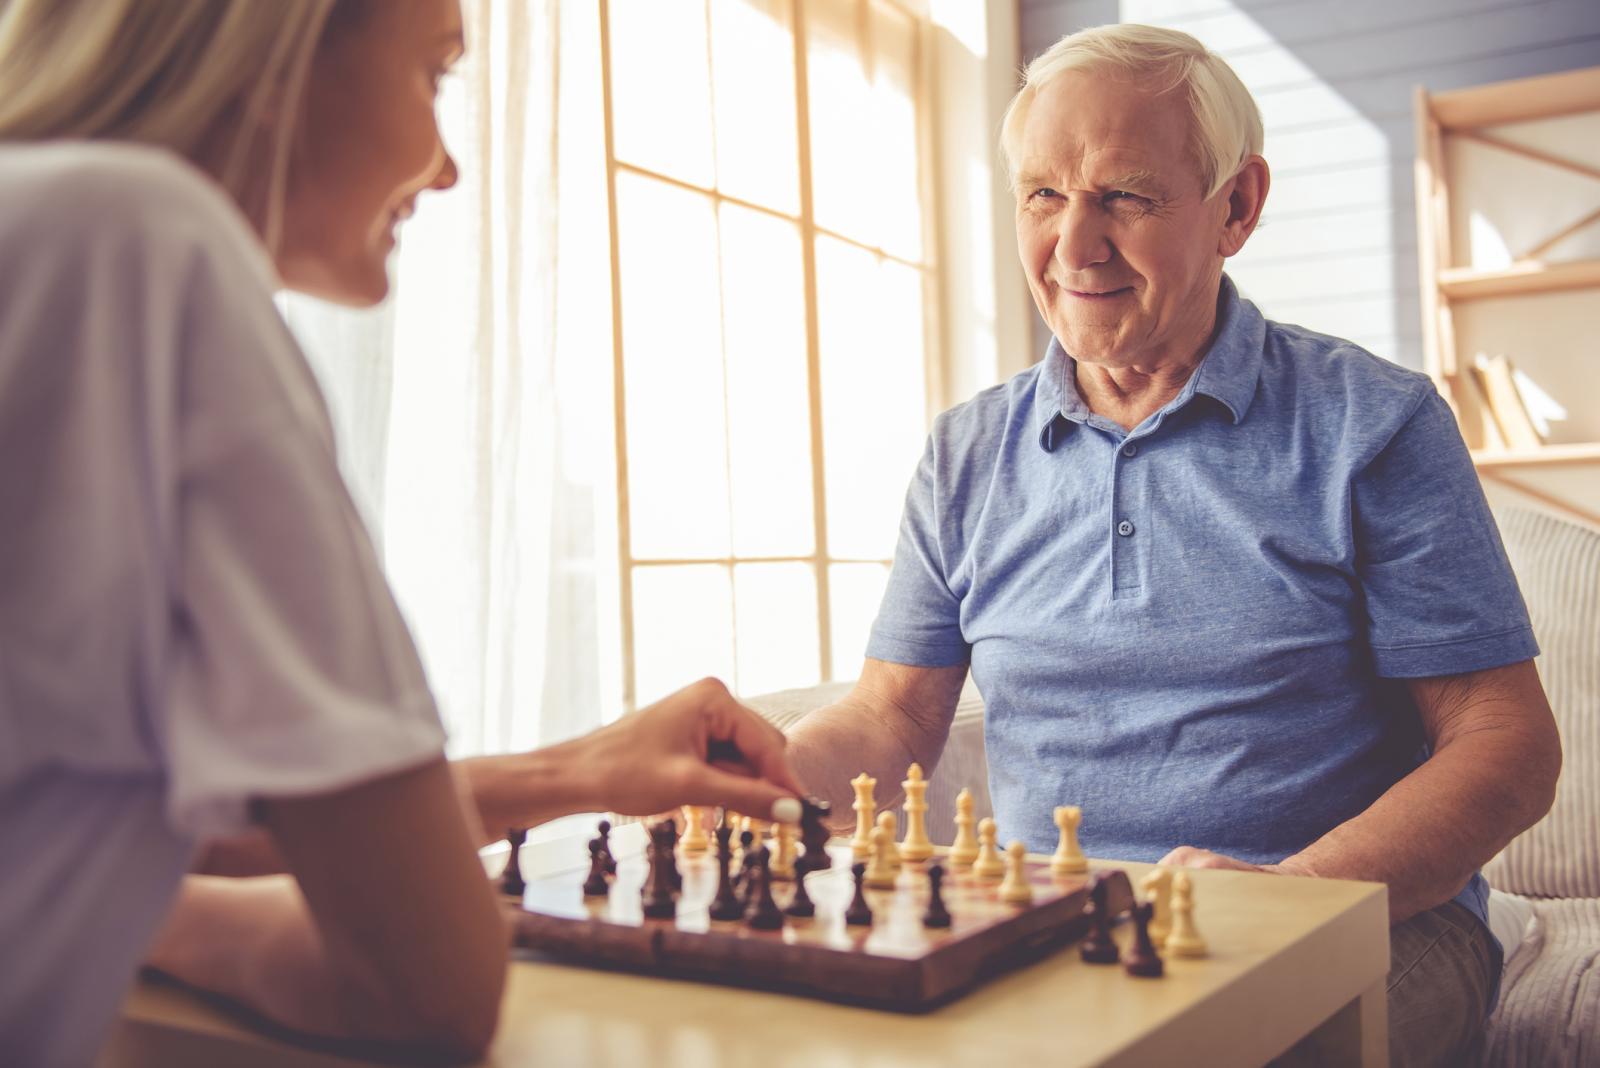 Studije su pokazale da je teže njegovati bolesnika s Alzheimerom nego ostale bolesnike koji zahtijevaju njegu.